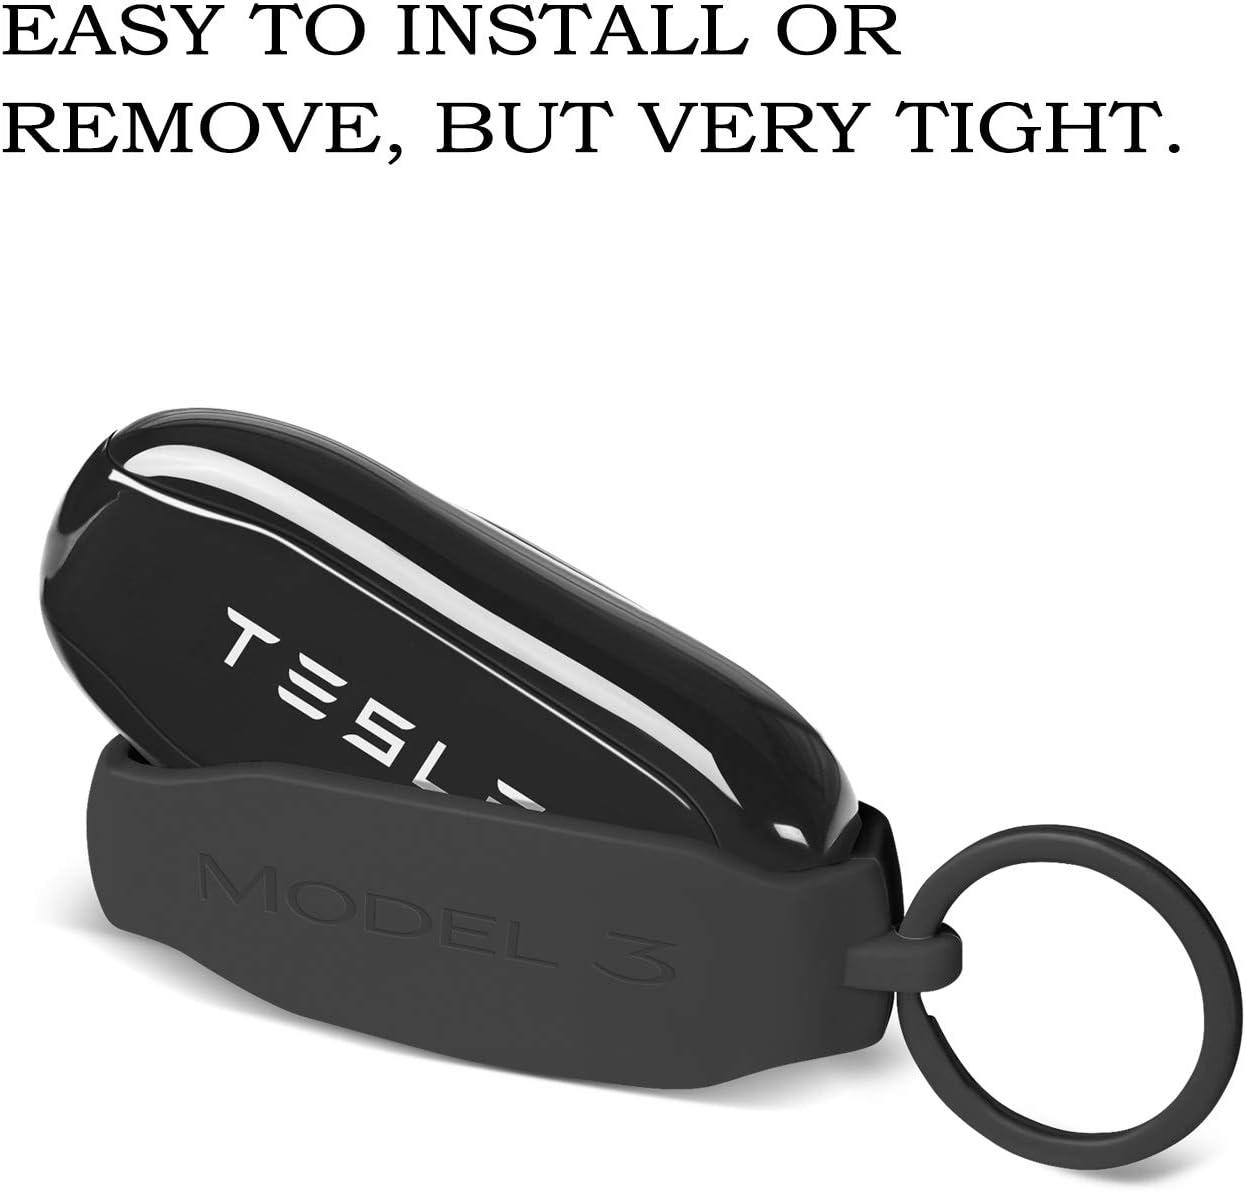 Llavero de Silicona Llavero Llavero Protector Soporte de La Funda con Llavero Cadena para Tesla Modelo 3 Accesorios OLAIKE Llavero Tapa Fob para Tesla Modelo 3 Rojo, Model 3